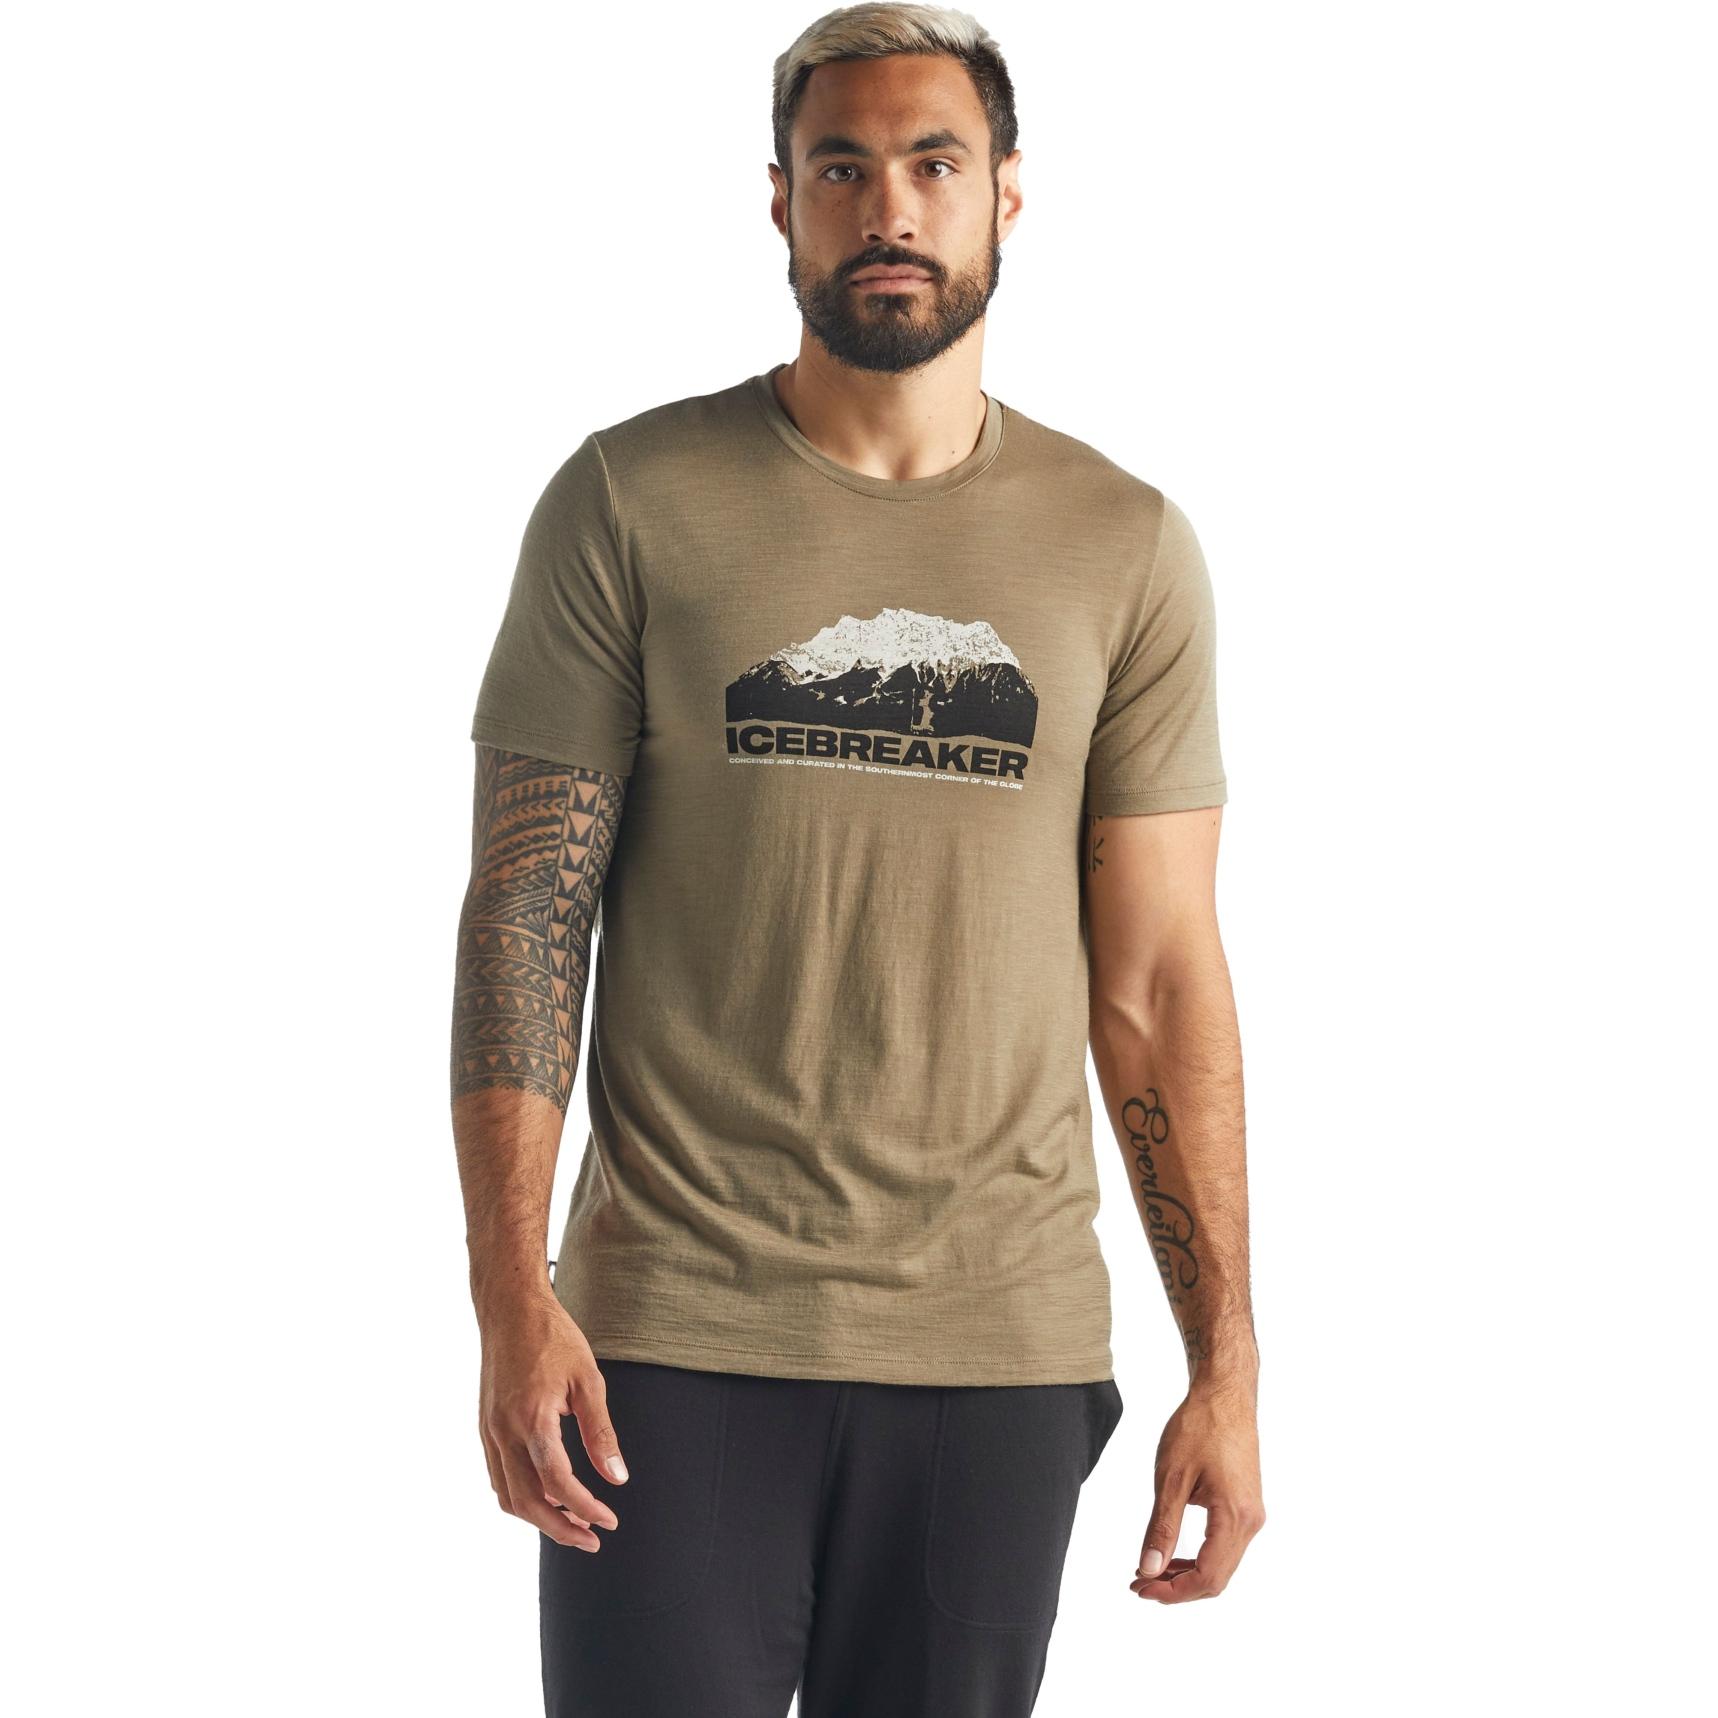 Bild von Icebreaker Tech Lite Crewe Icebreaker Mountain Herren T-Shirt - Flint